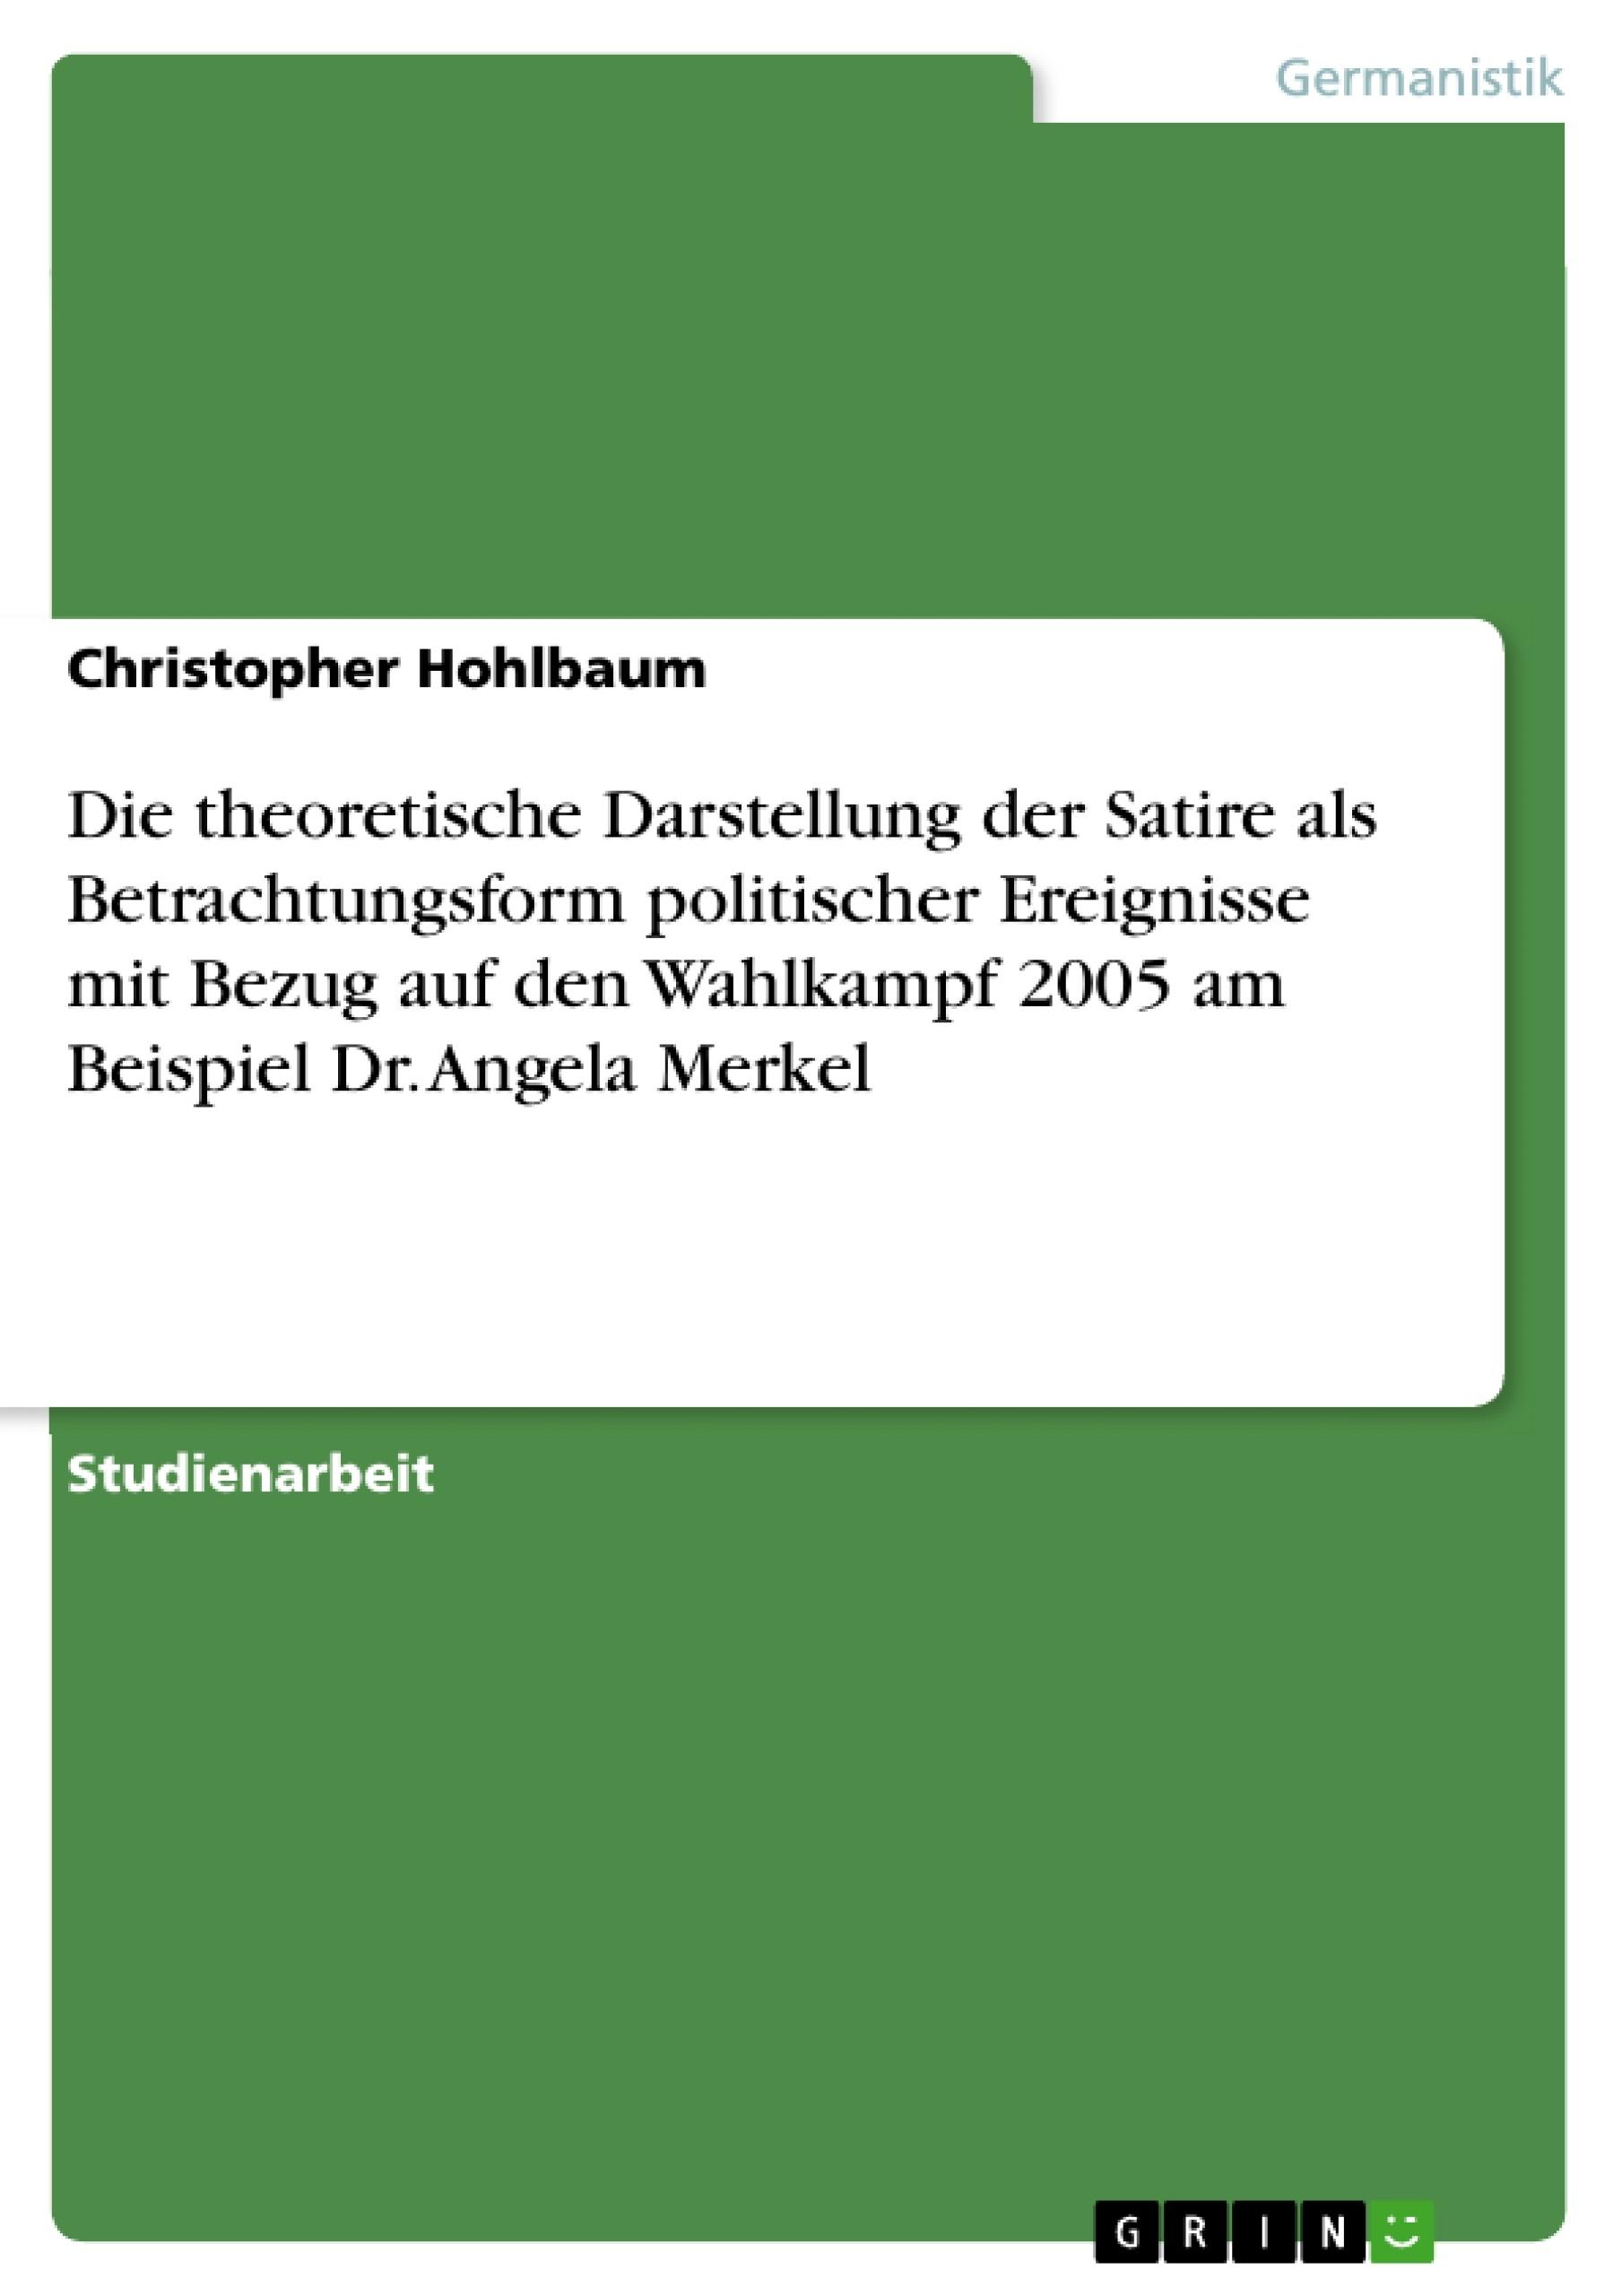 Titel: Die theoretische Darstellung der Satire als Betrachtungsform politischer Ereignisse mit Bezug auf den Wahlkampf 2005 am Beispiel Dr. Angela Merkel